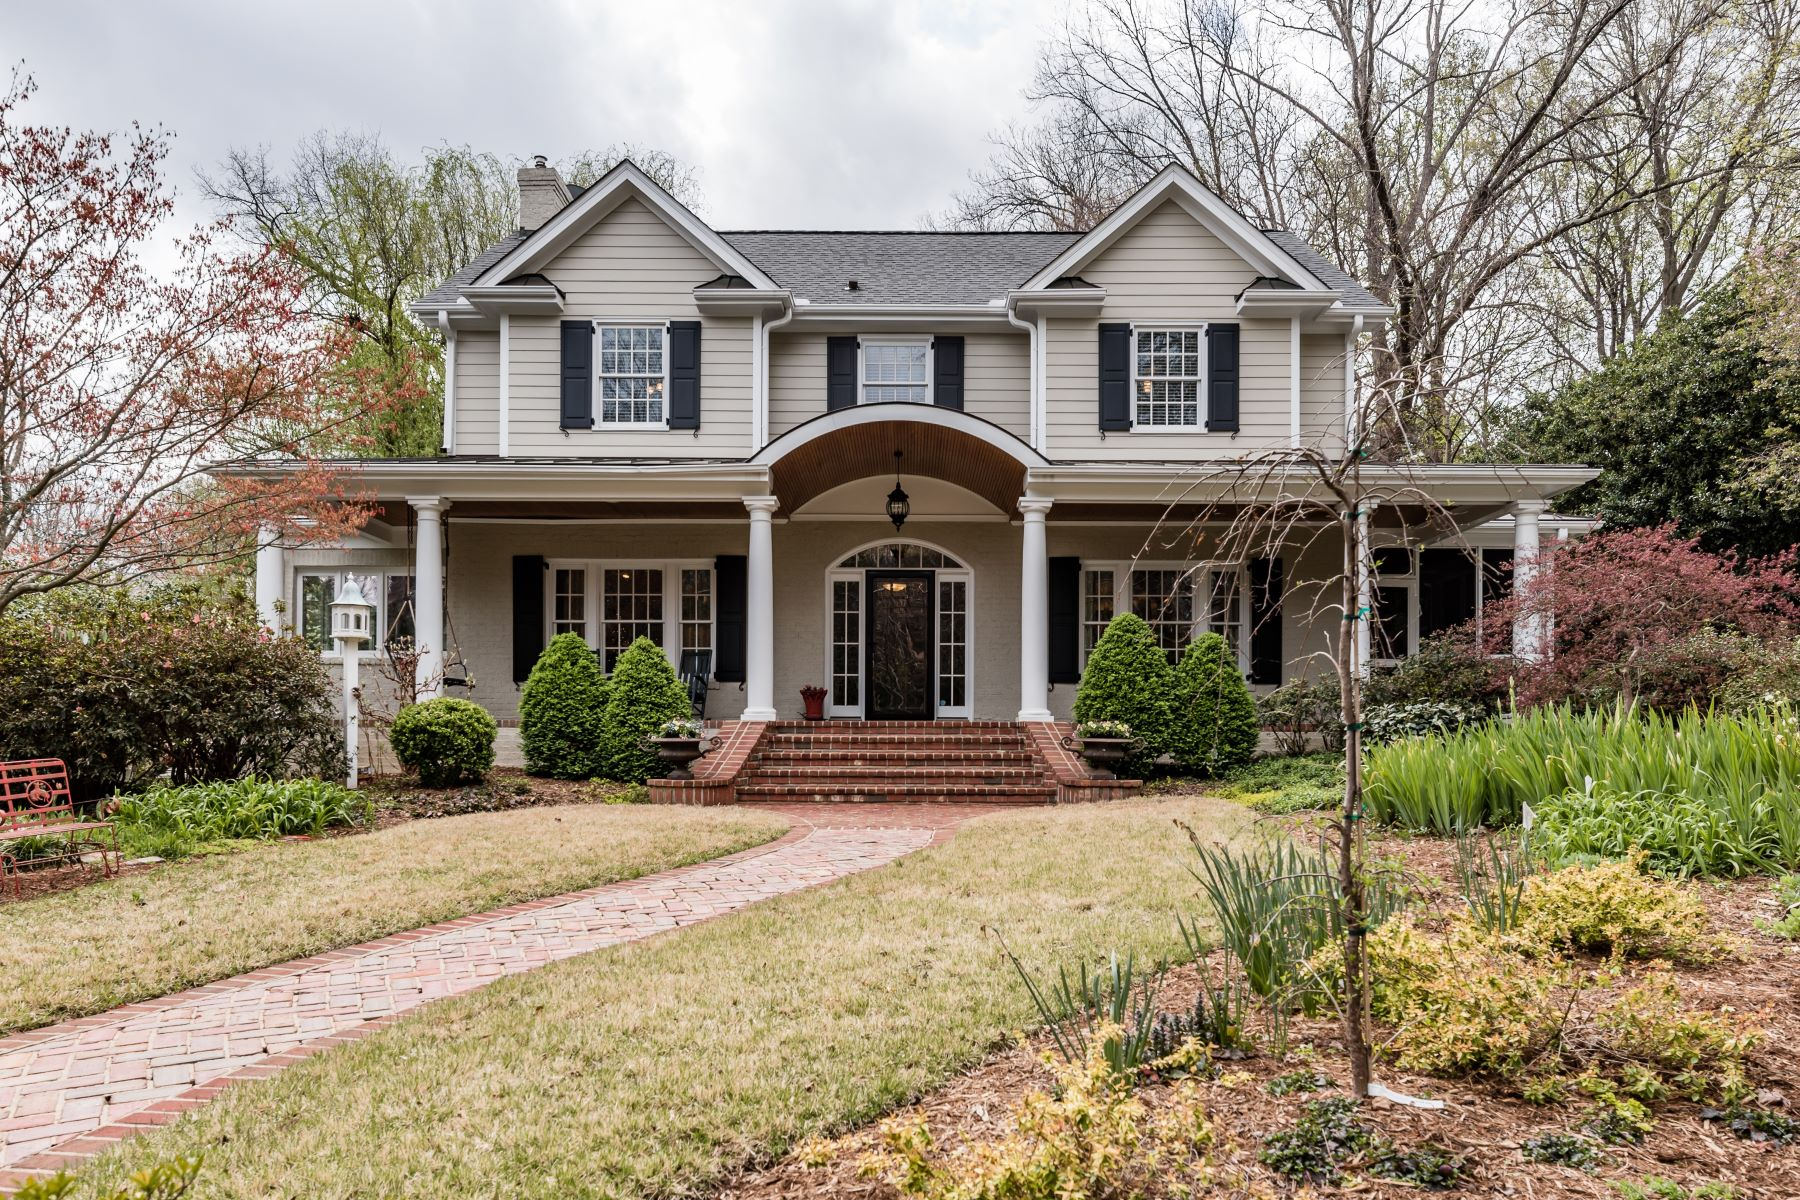 Casa Unifamiliar por un Venta en Harvey Street 807 Harvey Street Raleigh, Carolina Del Norte, 27608 Estados UnidosEn/Alrededor: Cary, Chapel Hill, Durham